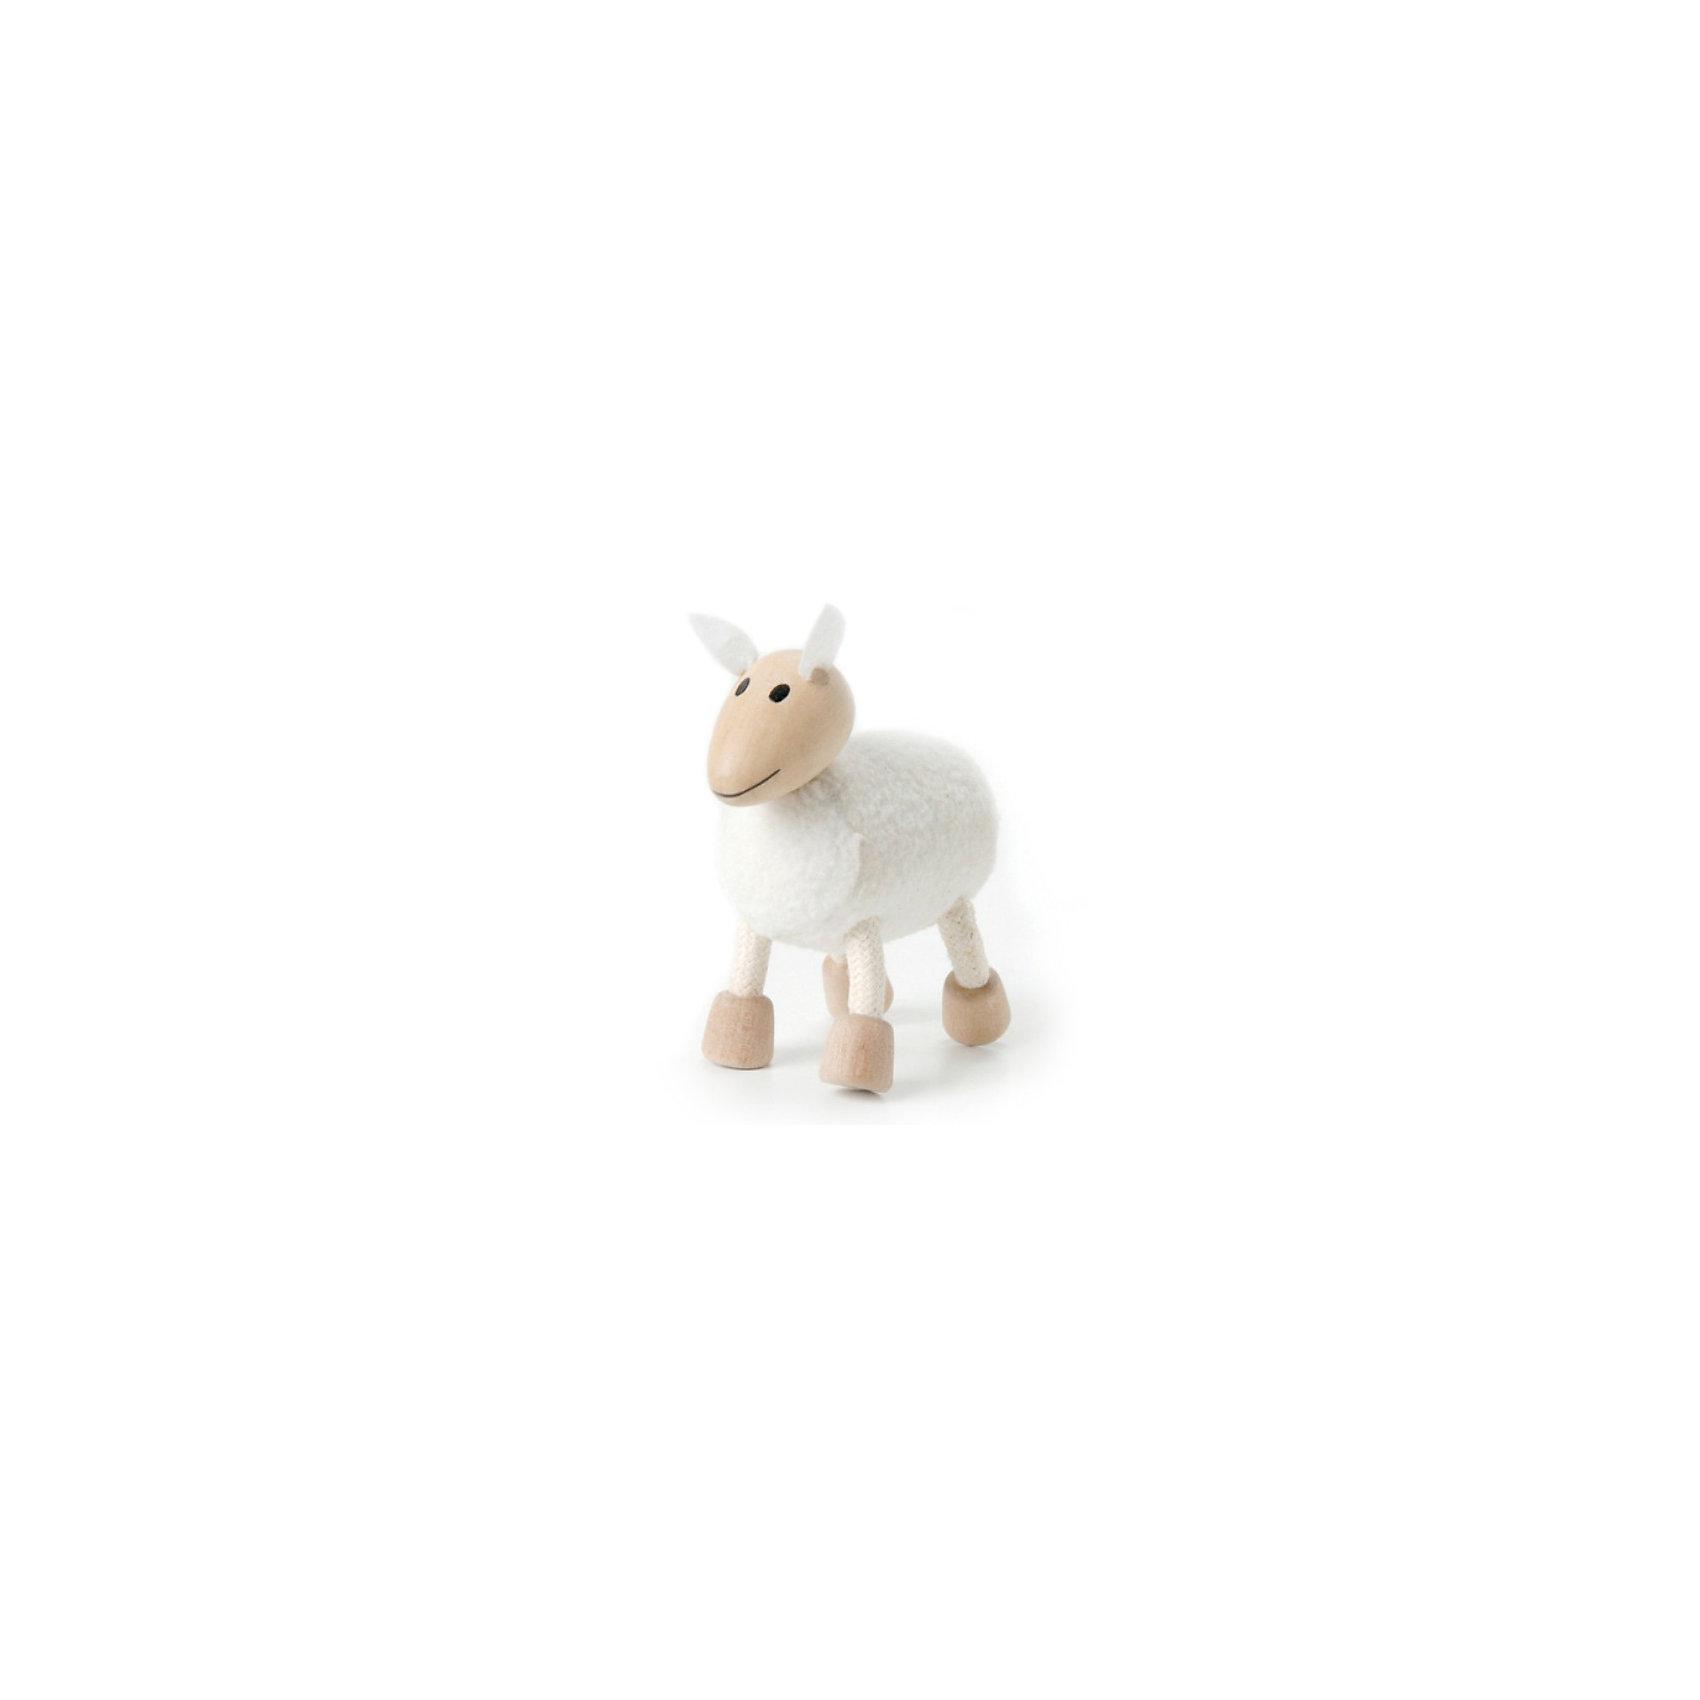 Овечка, AnaMalzAnaMalz – самые милые деревянные игрушки на свете!<br><br>Придуманные австралийским дизайнером Луизой Косан-Скотт,<br>игрушки AnaMalz завоевали более 15 отраслевых наград, включая Австралийскую международную награду в области дизайна, присуждаемую организацией Standards Australia.<br>- Игрушки AnaMalz предназначены для детей от 3 лет<br><br>- AnaMalz изготовлены из дерева, называемого schima superba или «игольчатое дерево» (быстрорастущее дерево, выращиваемое на лесных плантациях)<br><br>- Рога изготовлены из термопластичной резины (TPR) – материала, одобренного Управлением по контролю качества пищевых продуктов и медикаментов (FDA). Смесь TPR с древесной мукой является экологичной альтернативой пластмассе<br><br>- Все игрушки AnaMalz раскрашиваются вручную с использованием безопасной для детей краски и клея без содержания формальдегида<br><br>- Древесные отходы от производства AnaMalz используются на ферме для выращивания грибов<br><br>AnaMalz завоевали популярность во всем мире. Они стали участниками телевизионных шоу TODAY, шоу Марты Стюарт, Daily Candy Kids и USA Today Weekend. <br><br>Наши маленькие деревянные друзья покорили сердца самых строгих критиков отрасли – и получили множество «игрушечных» наград!<br><br>Ширина мм: 70<br>Глубина мм: 40<br>Высота мм: 80<br>Вес г: 40<br>Возраст от месяцев: 36<br>Возраст до месяцев: 168<br>Пол: Унисекс<br>Возраст: Детский<br>SKU: 3807620